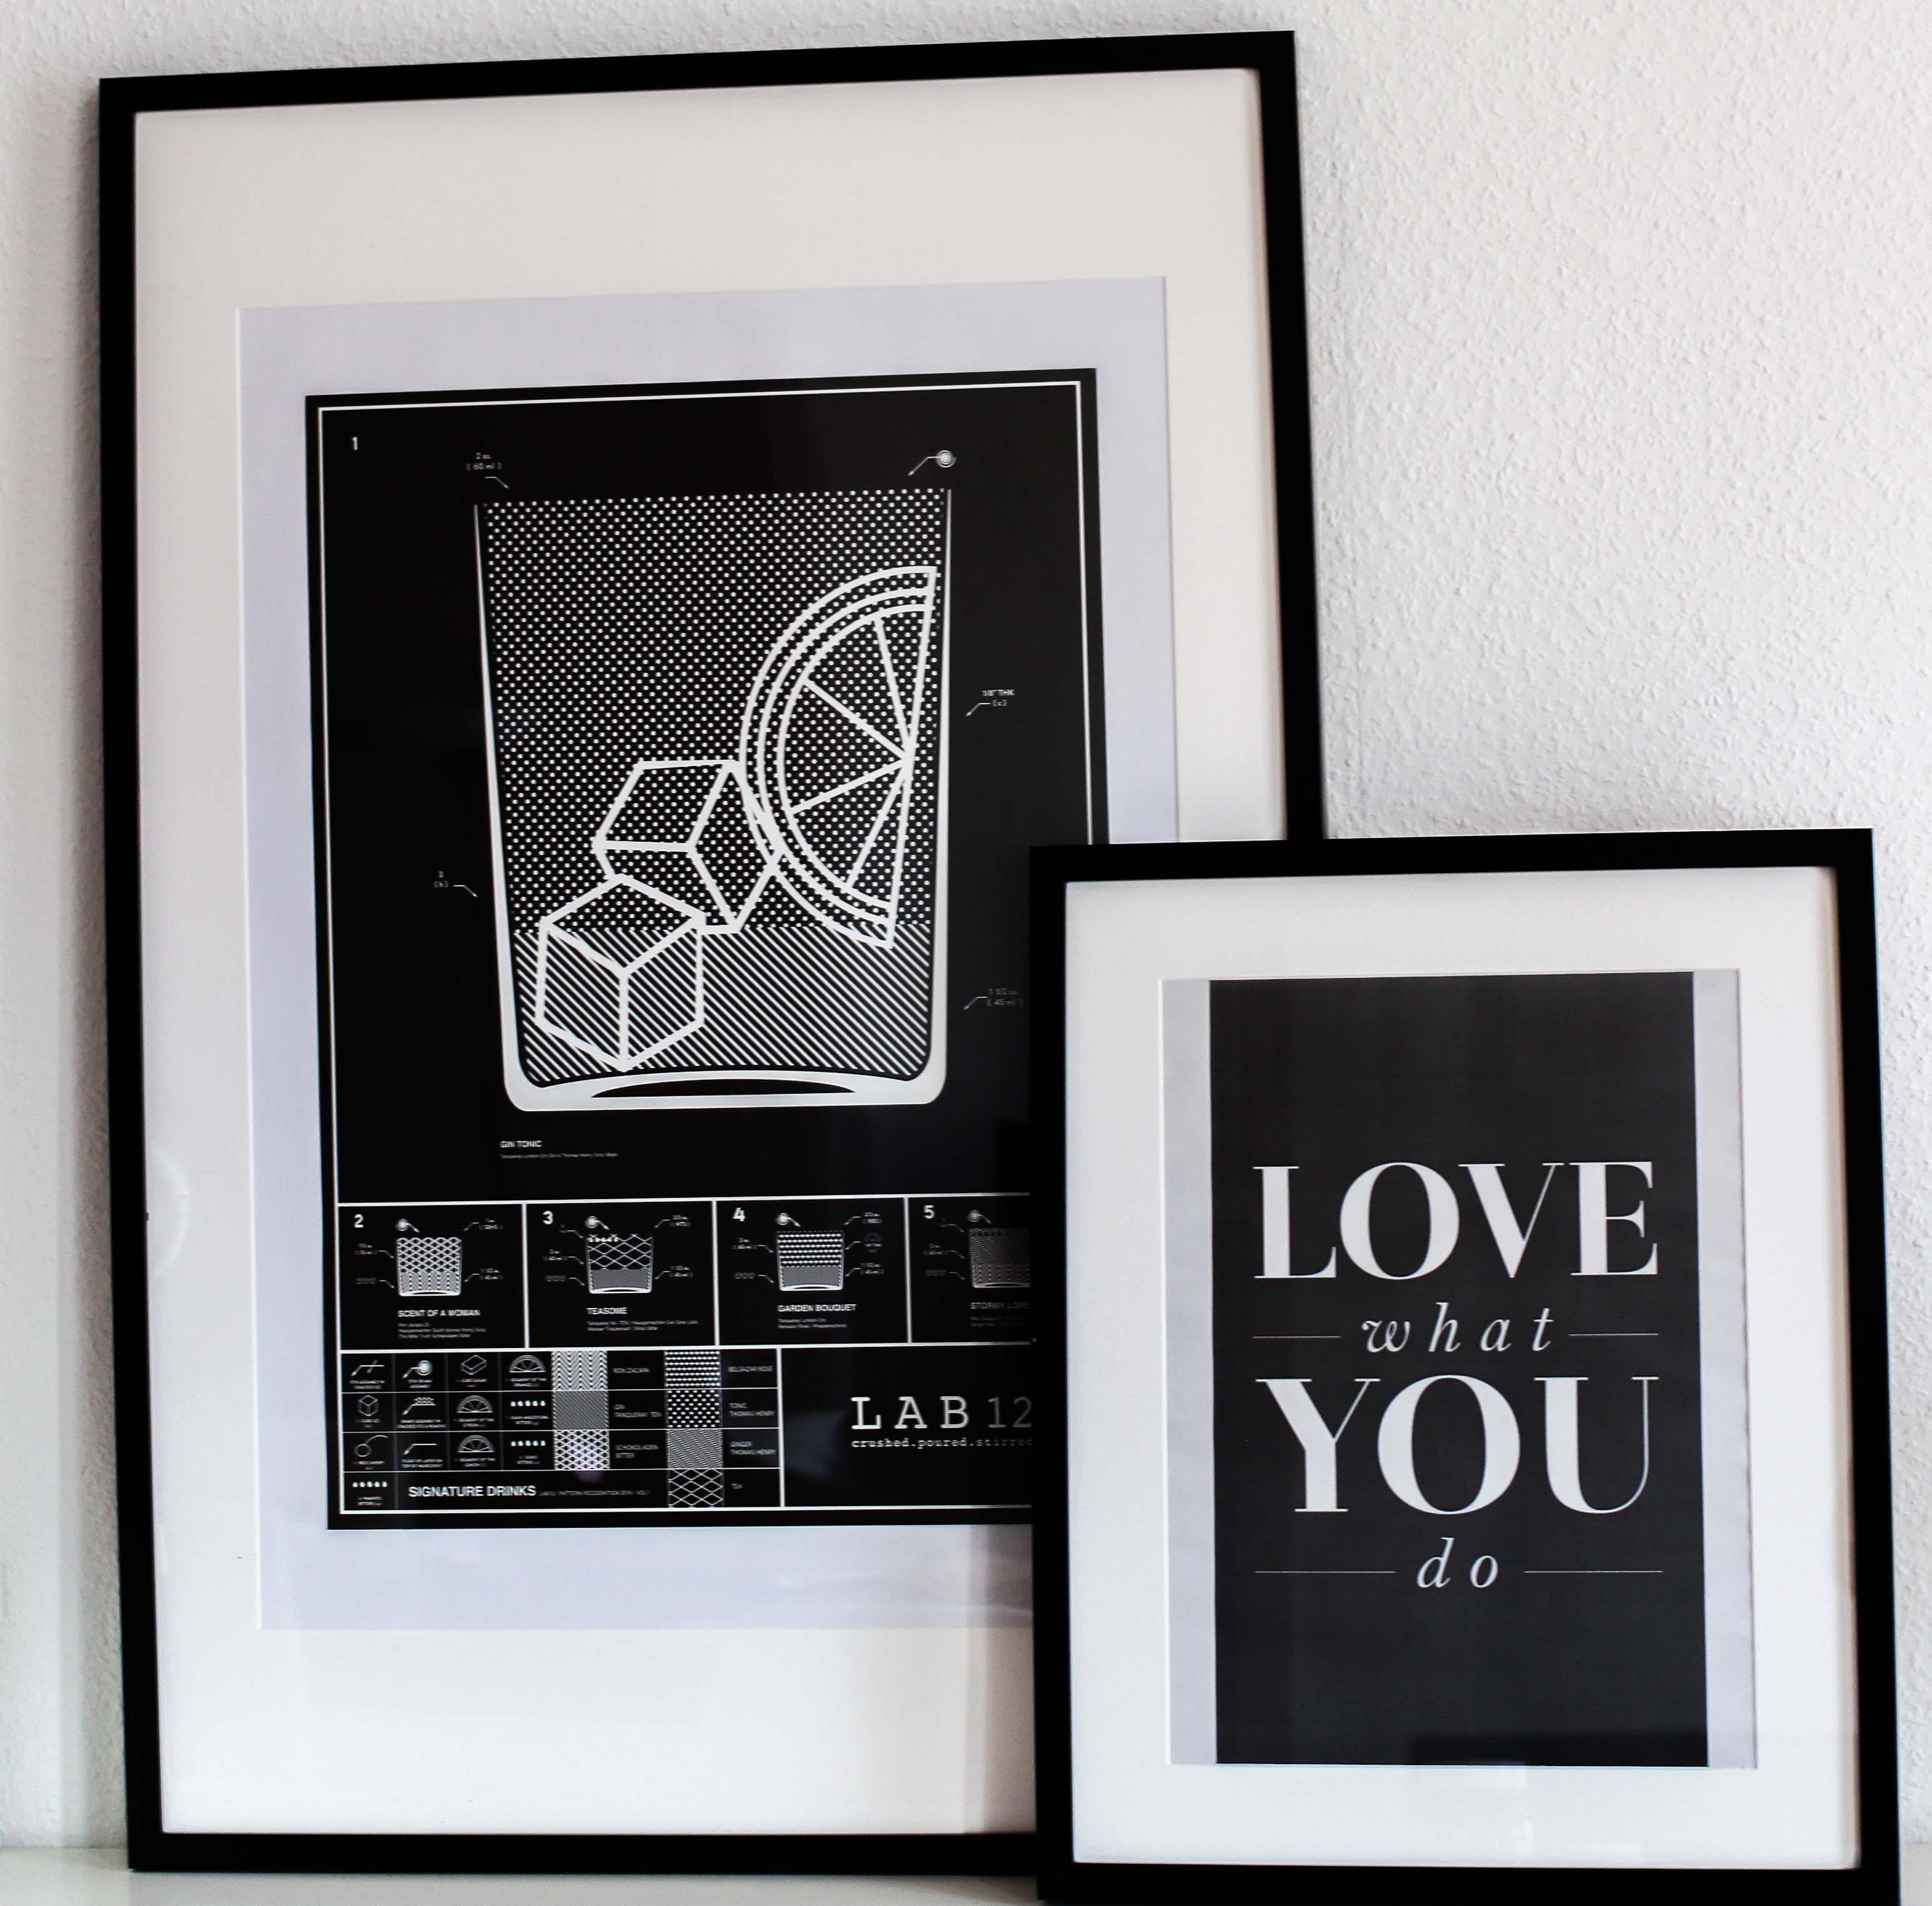 Blogger Tipps Vollzeitjob Bloggen Interior Bilderwand Love What You Do Lab12 Poster